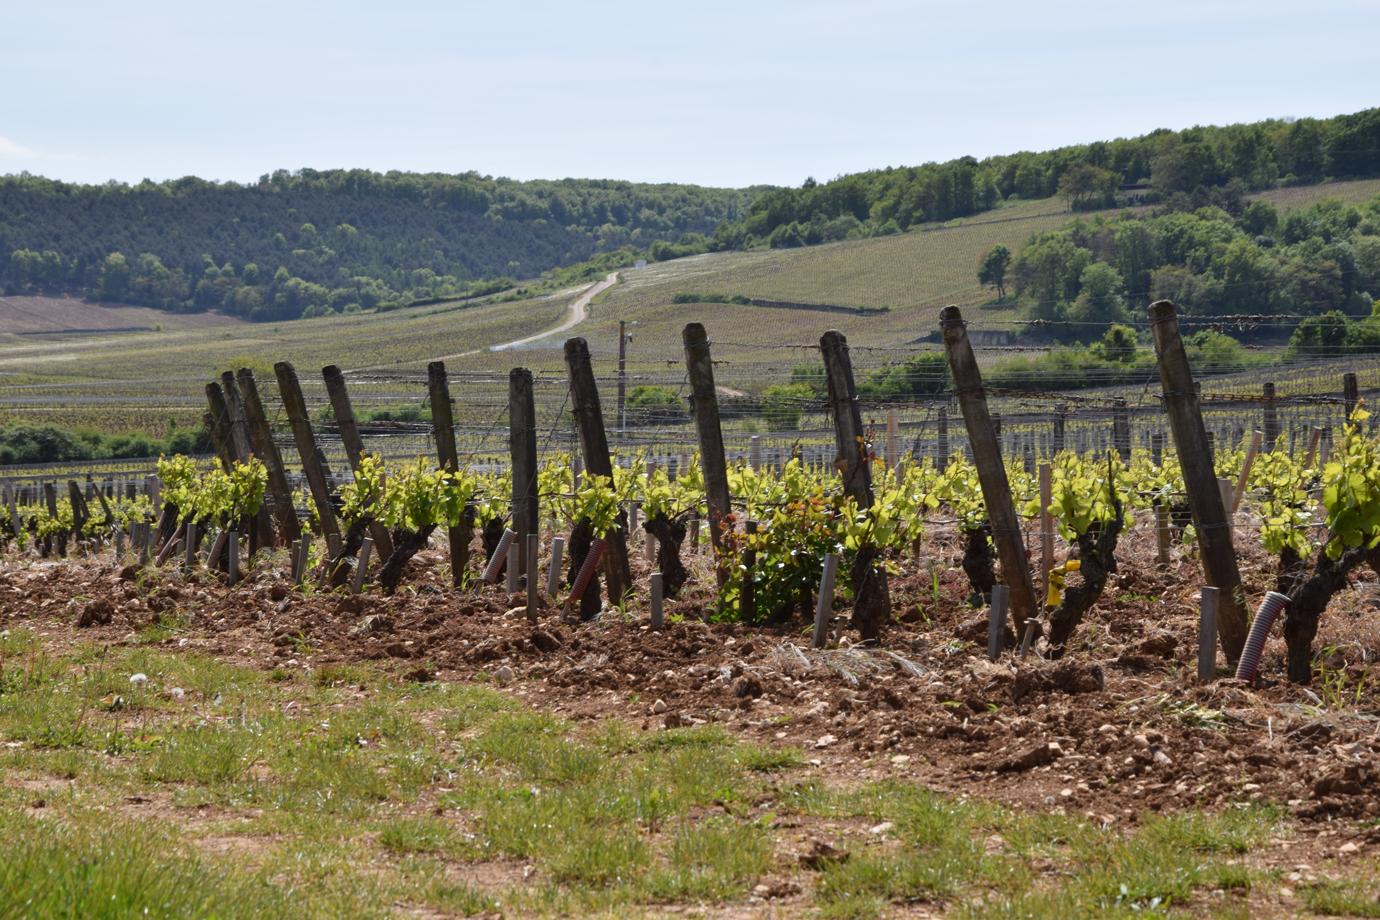 Vélo, vin, Dégustation Vignoble de Bourgogne, Parcelles des Echezeaux